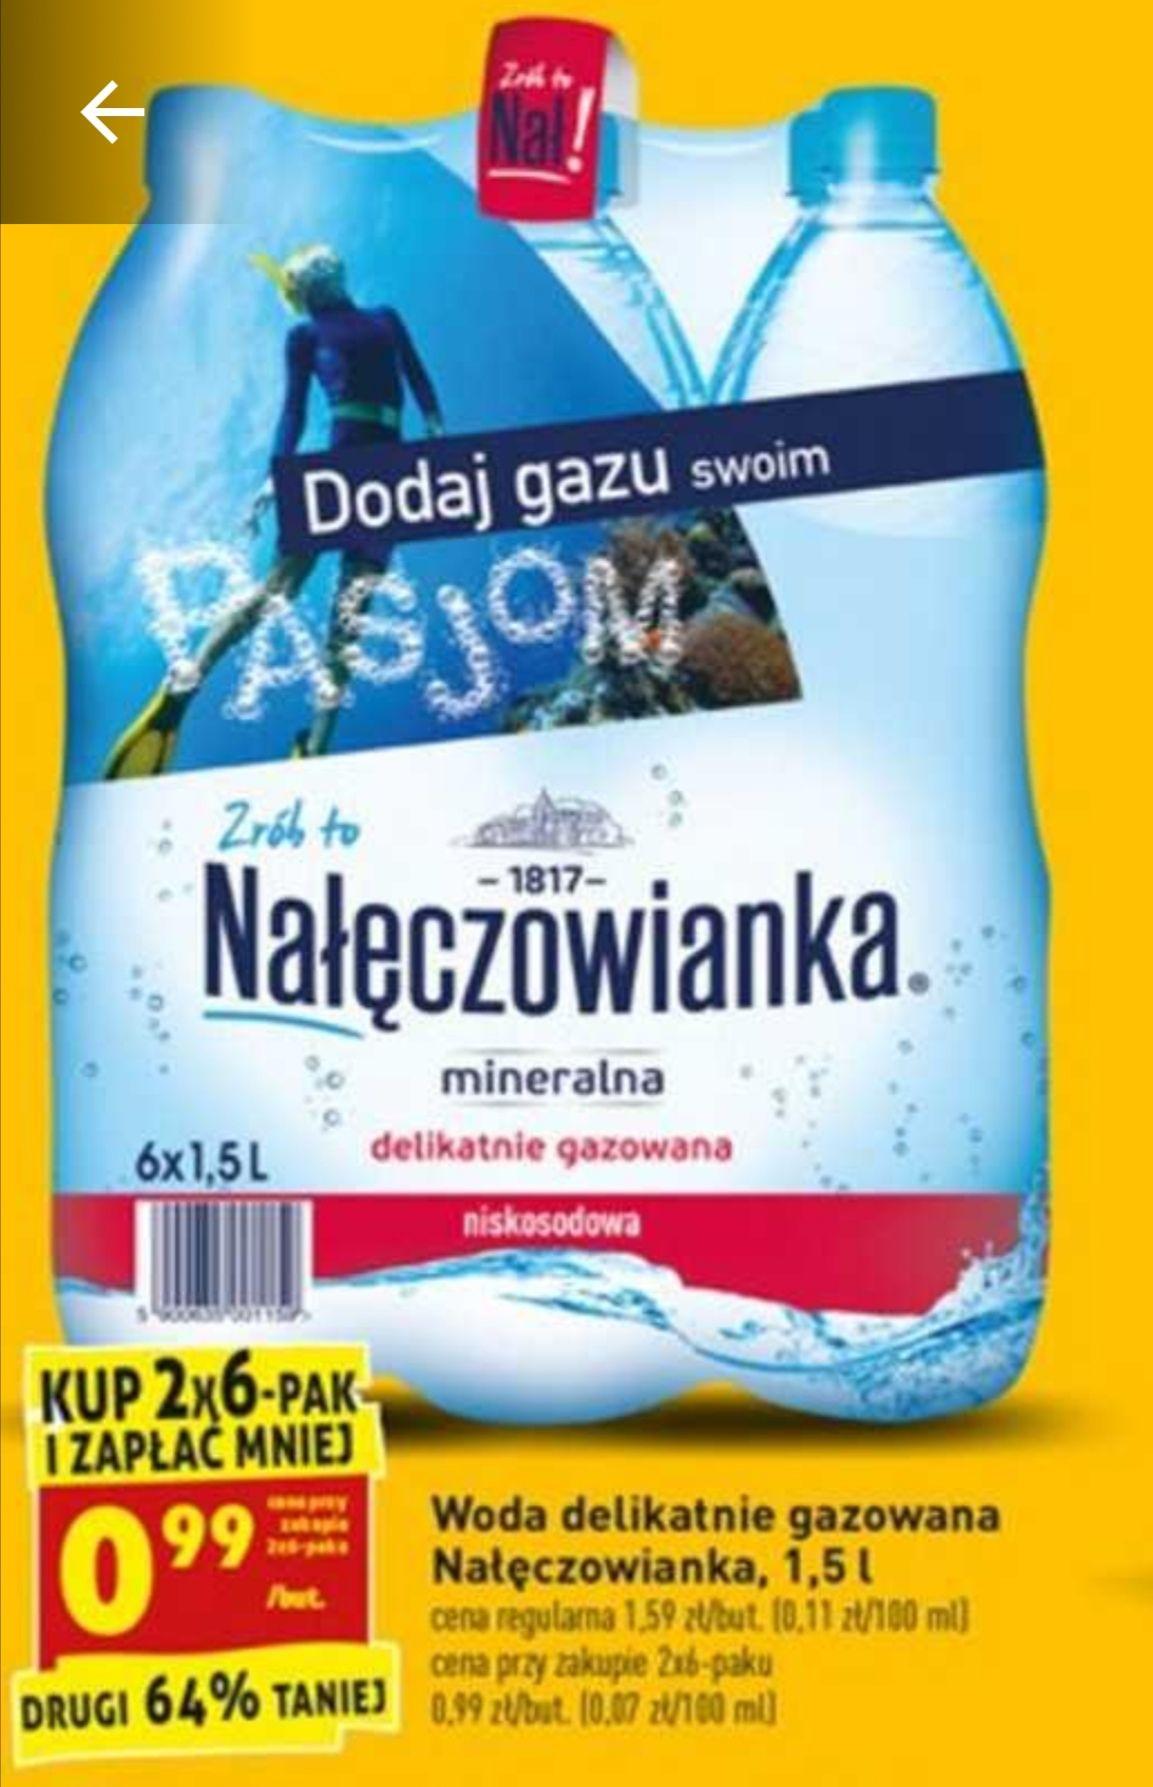 Woda mineralna Nałęczowianka 1,5L 0,99 PLN/butelka (0,70 PLN/litr) @Biedronka